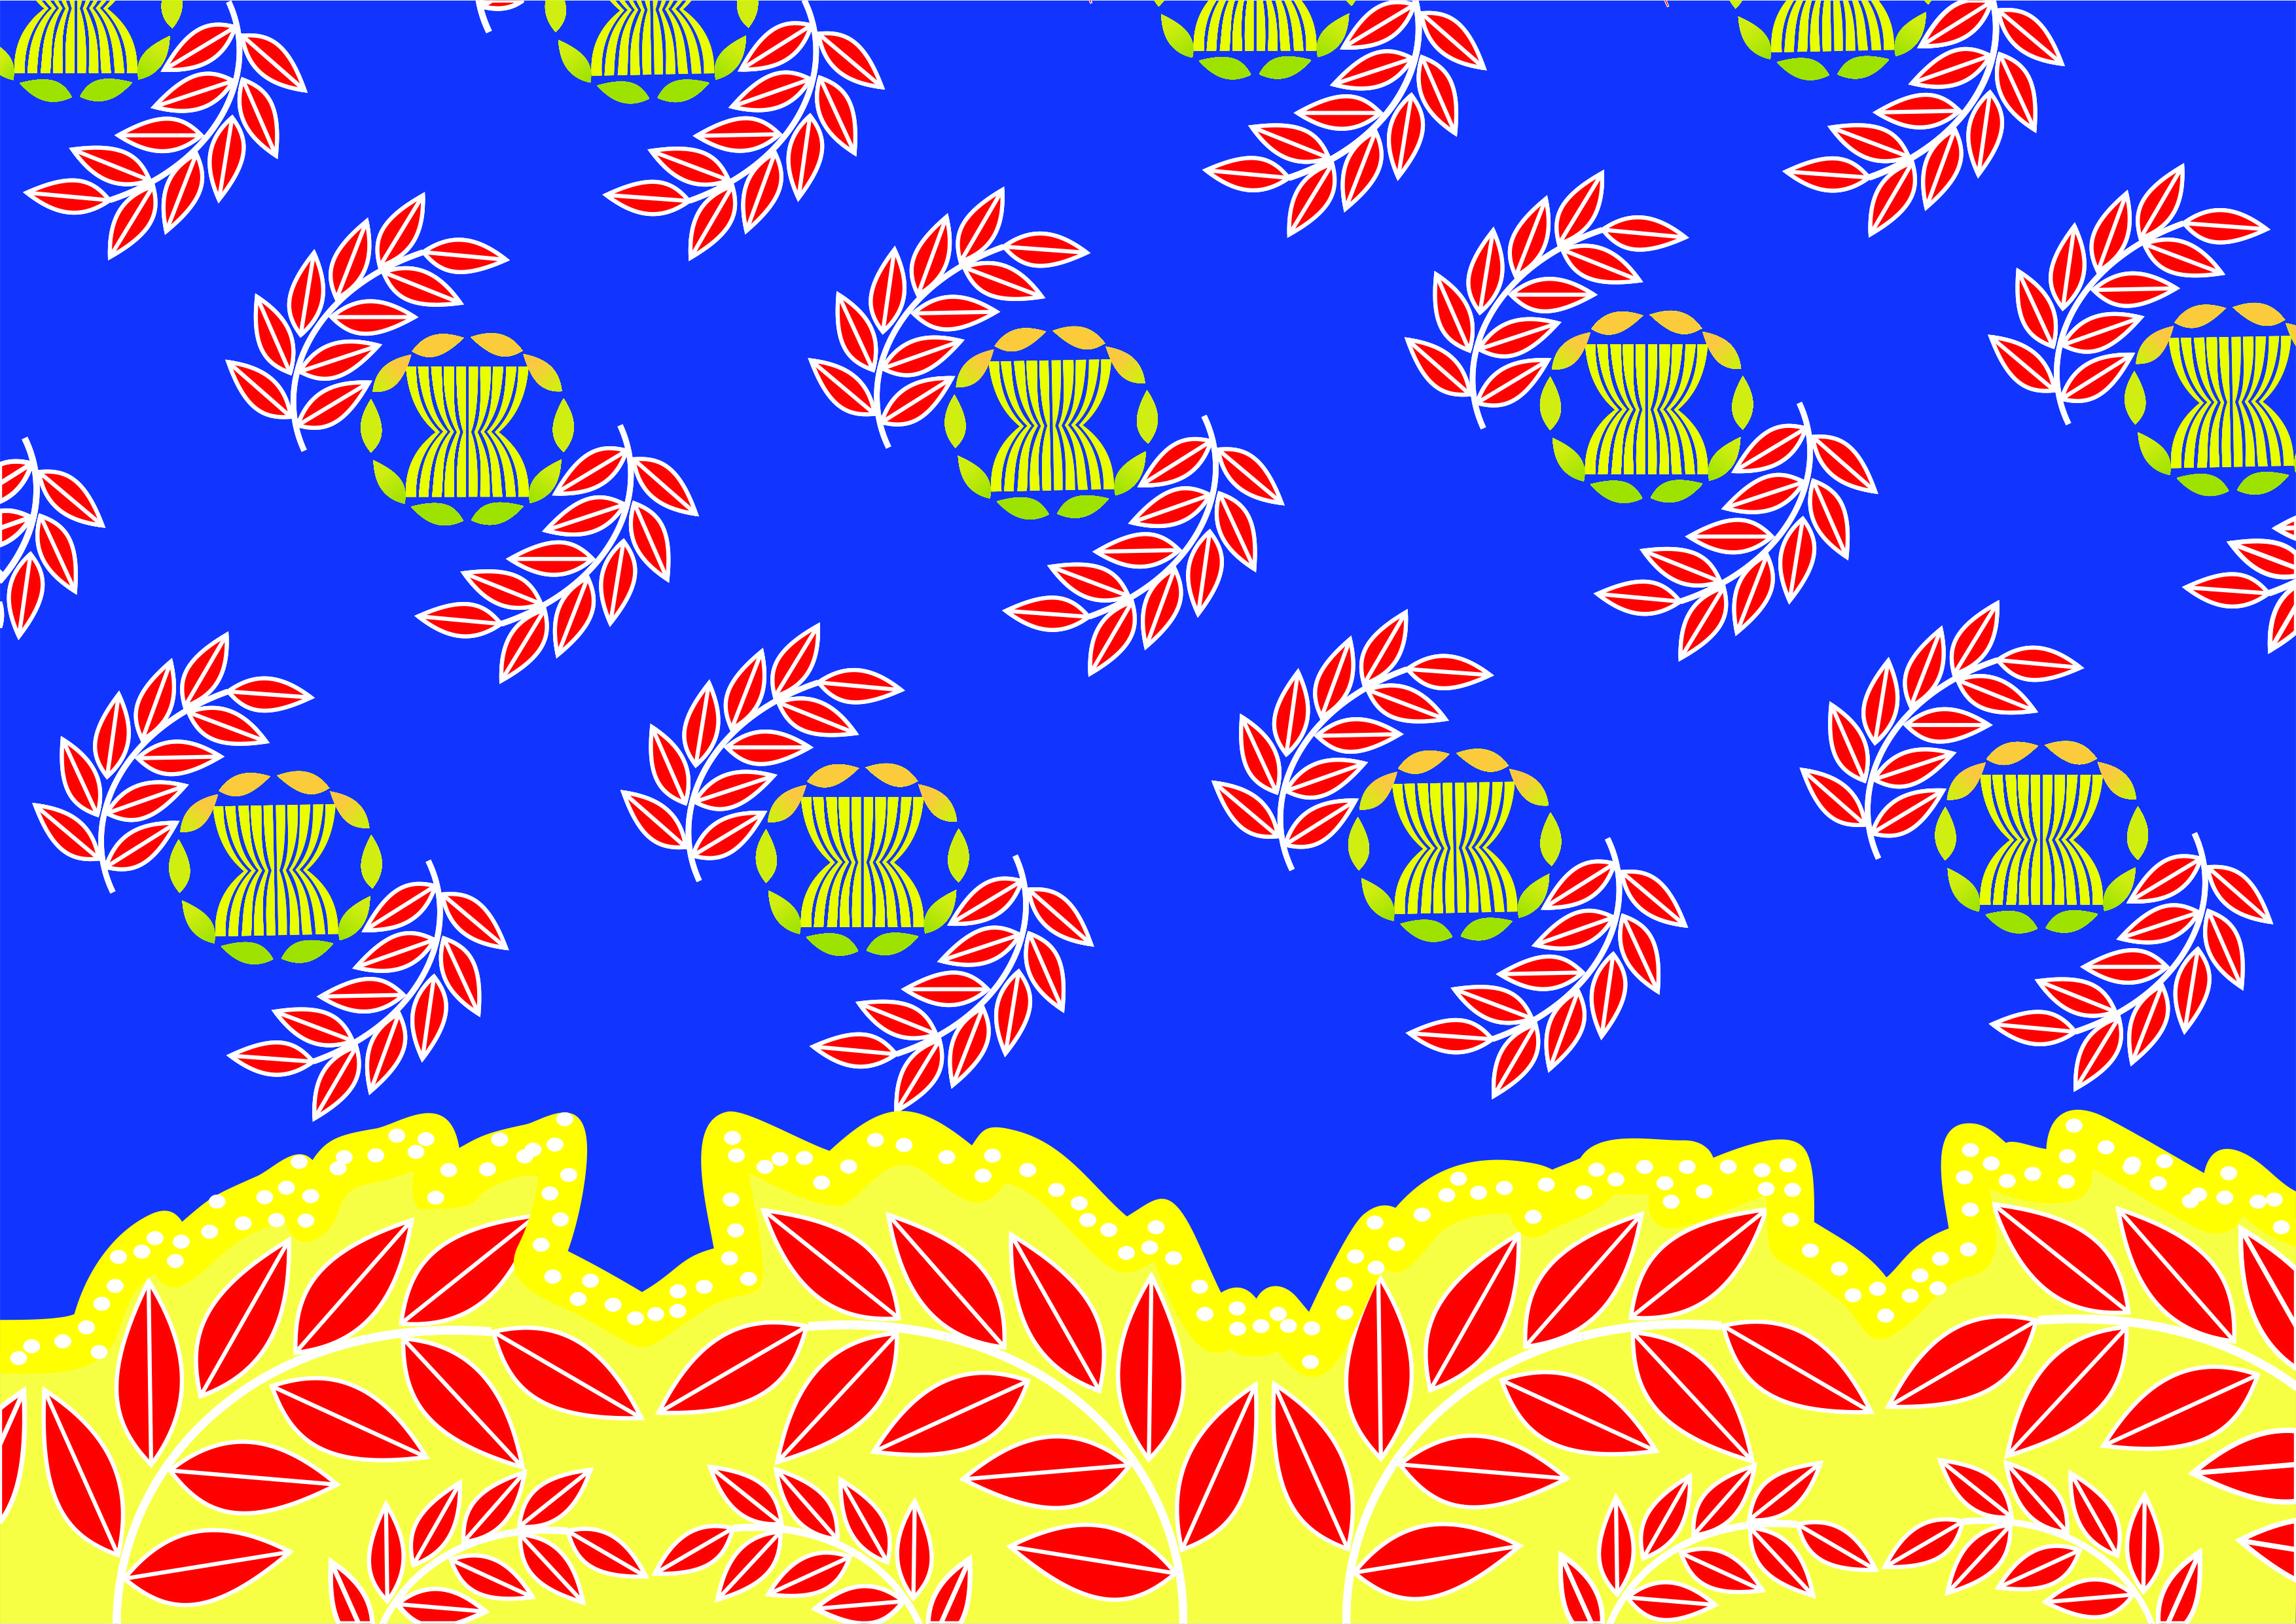 desain batik by Fatimah untuk lomba batik ASEAN 2015 | Desain